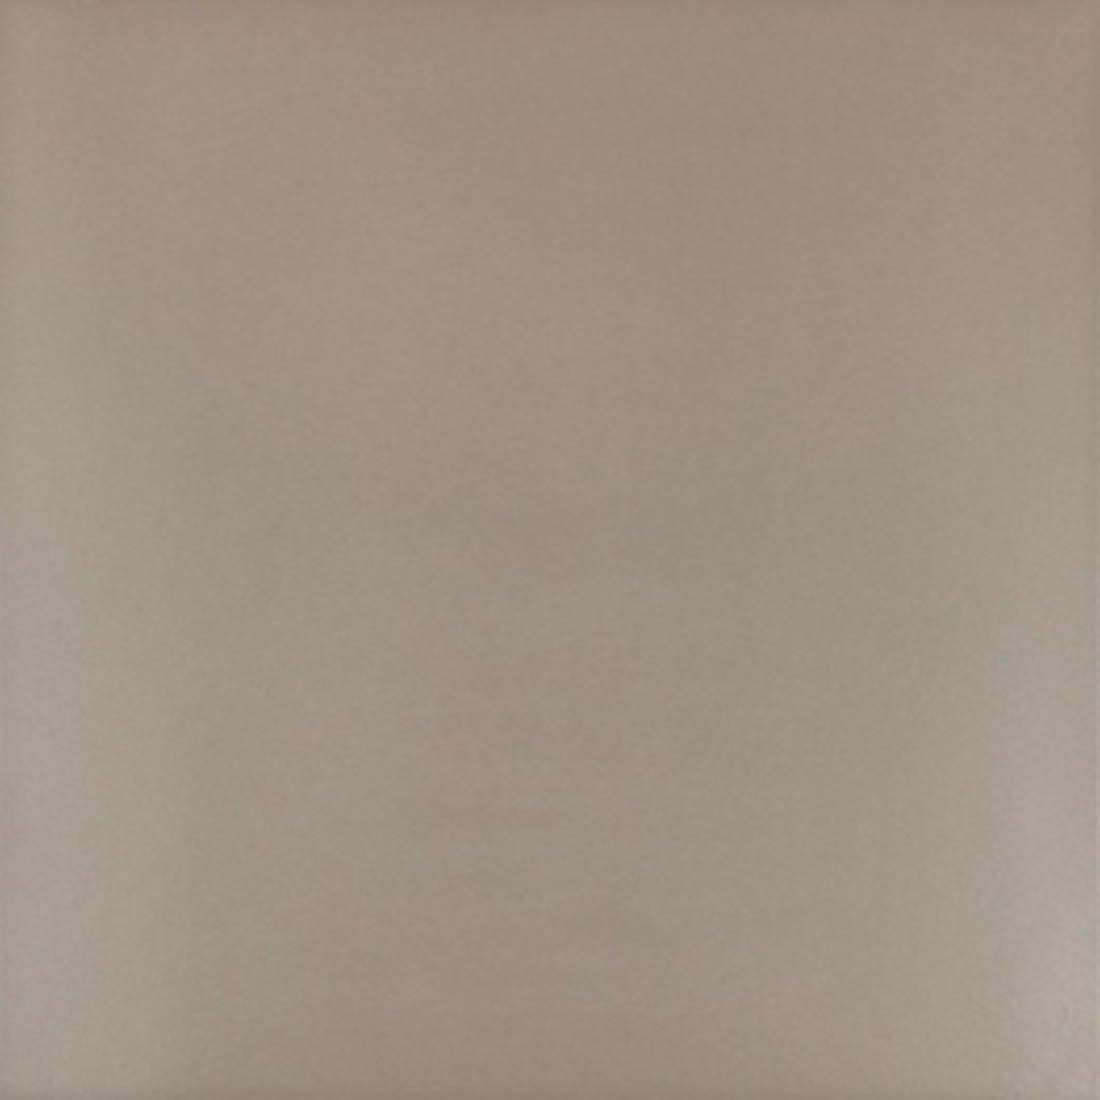 Porcelanato Elizabeth Gray Natural Escovado 62,5x62,5